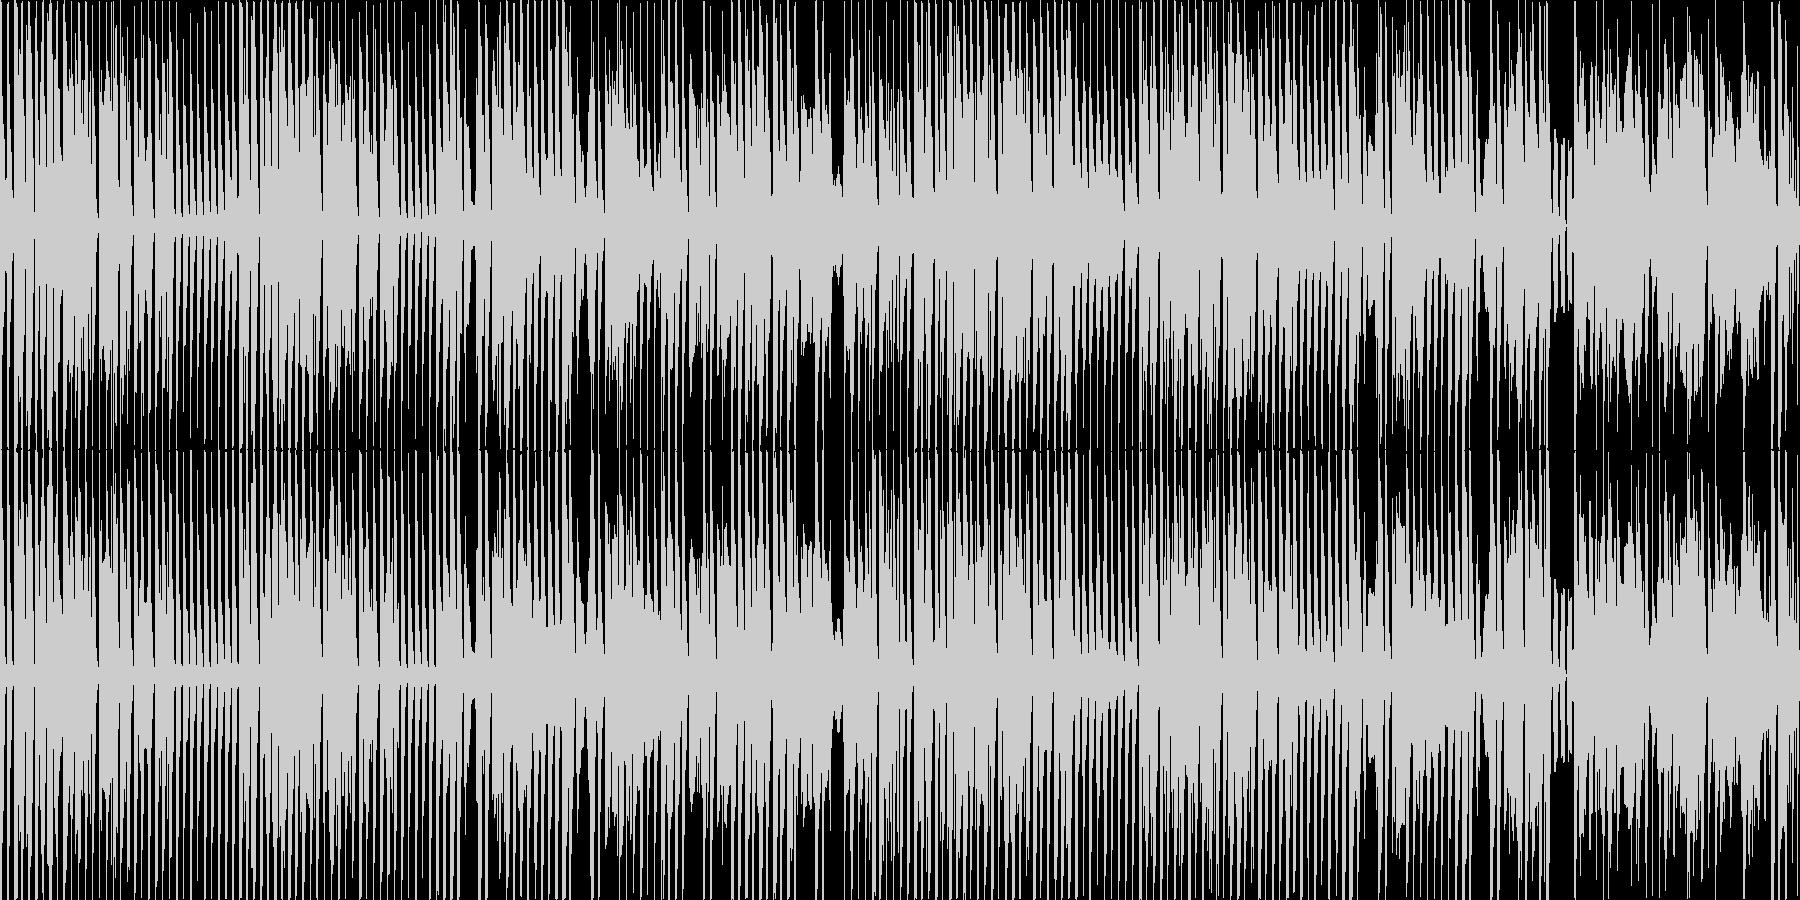 テンポの良い明るく元気なリコーダーBGMの未再生の波形